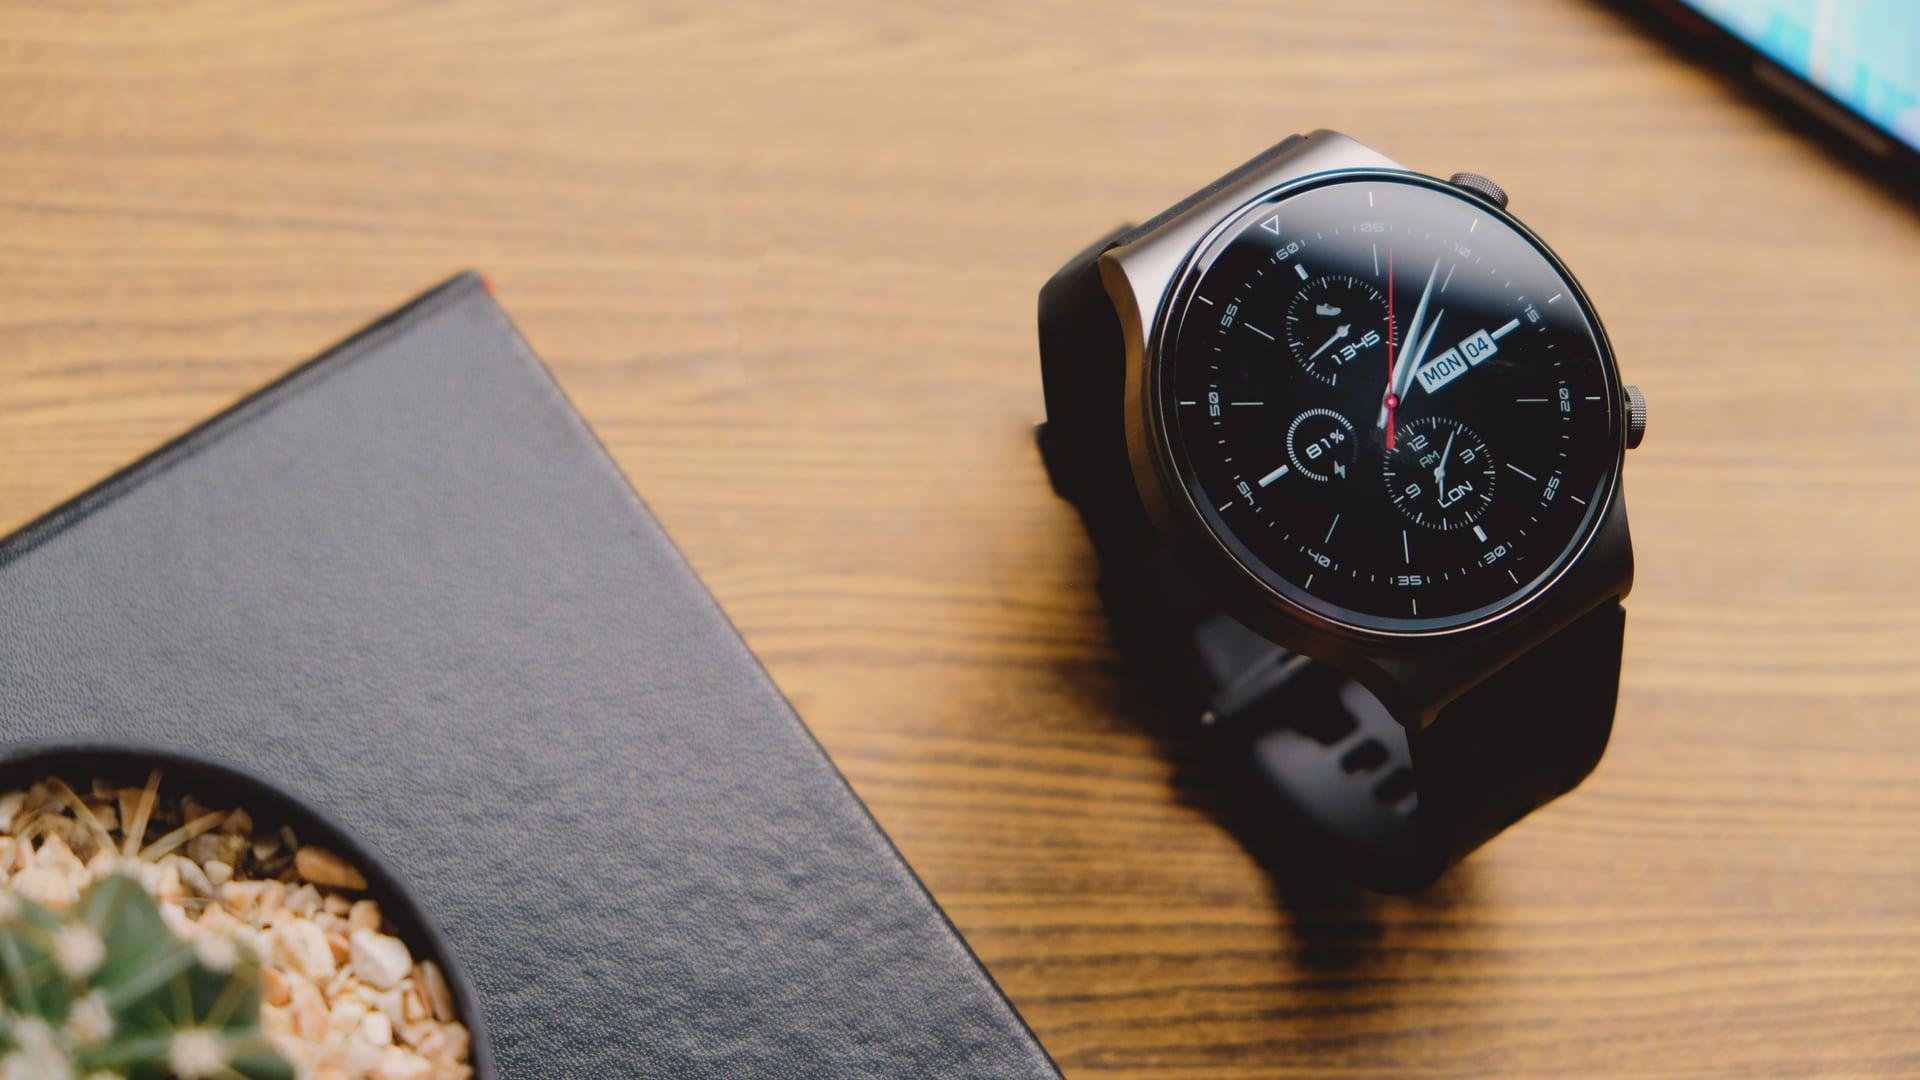 Smartwatch redondo Huawei Watch GT 2 (Foto: Shutterstock)